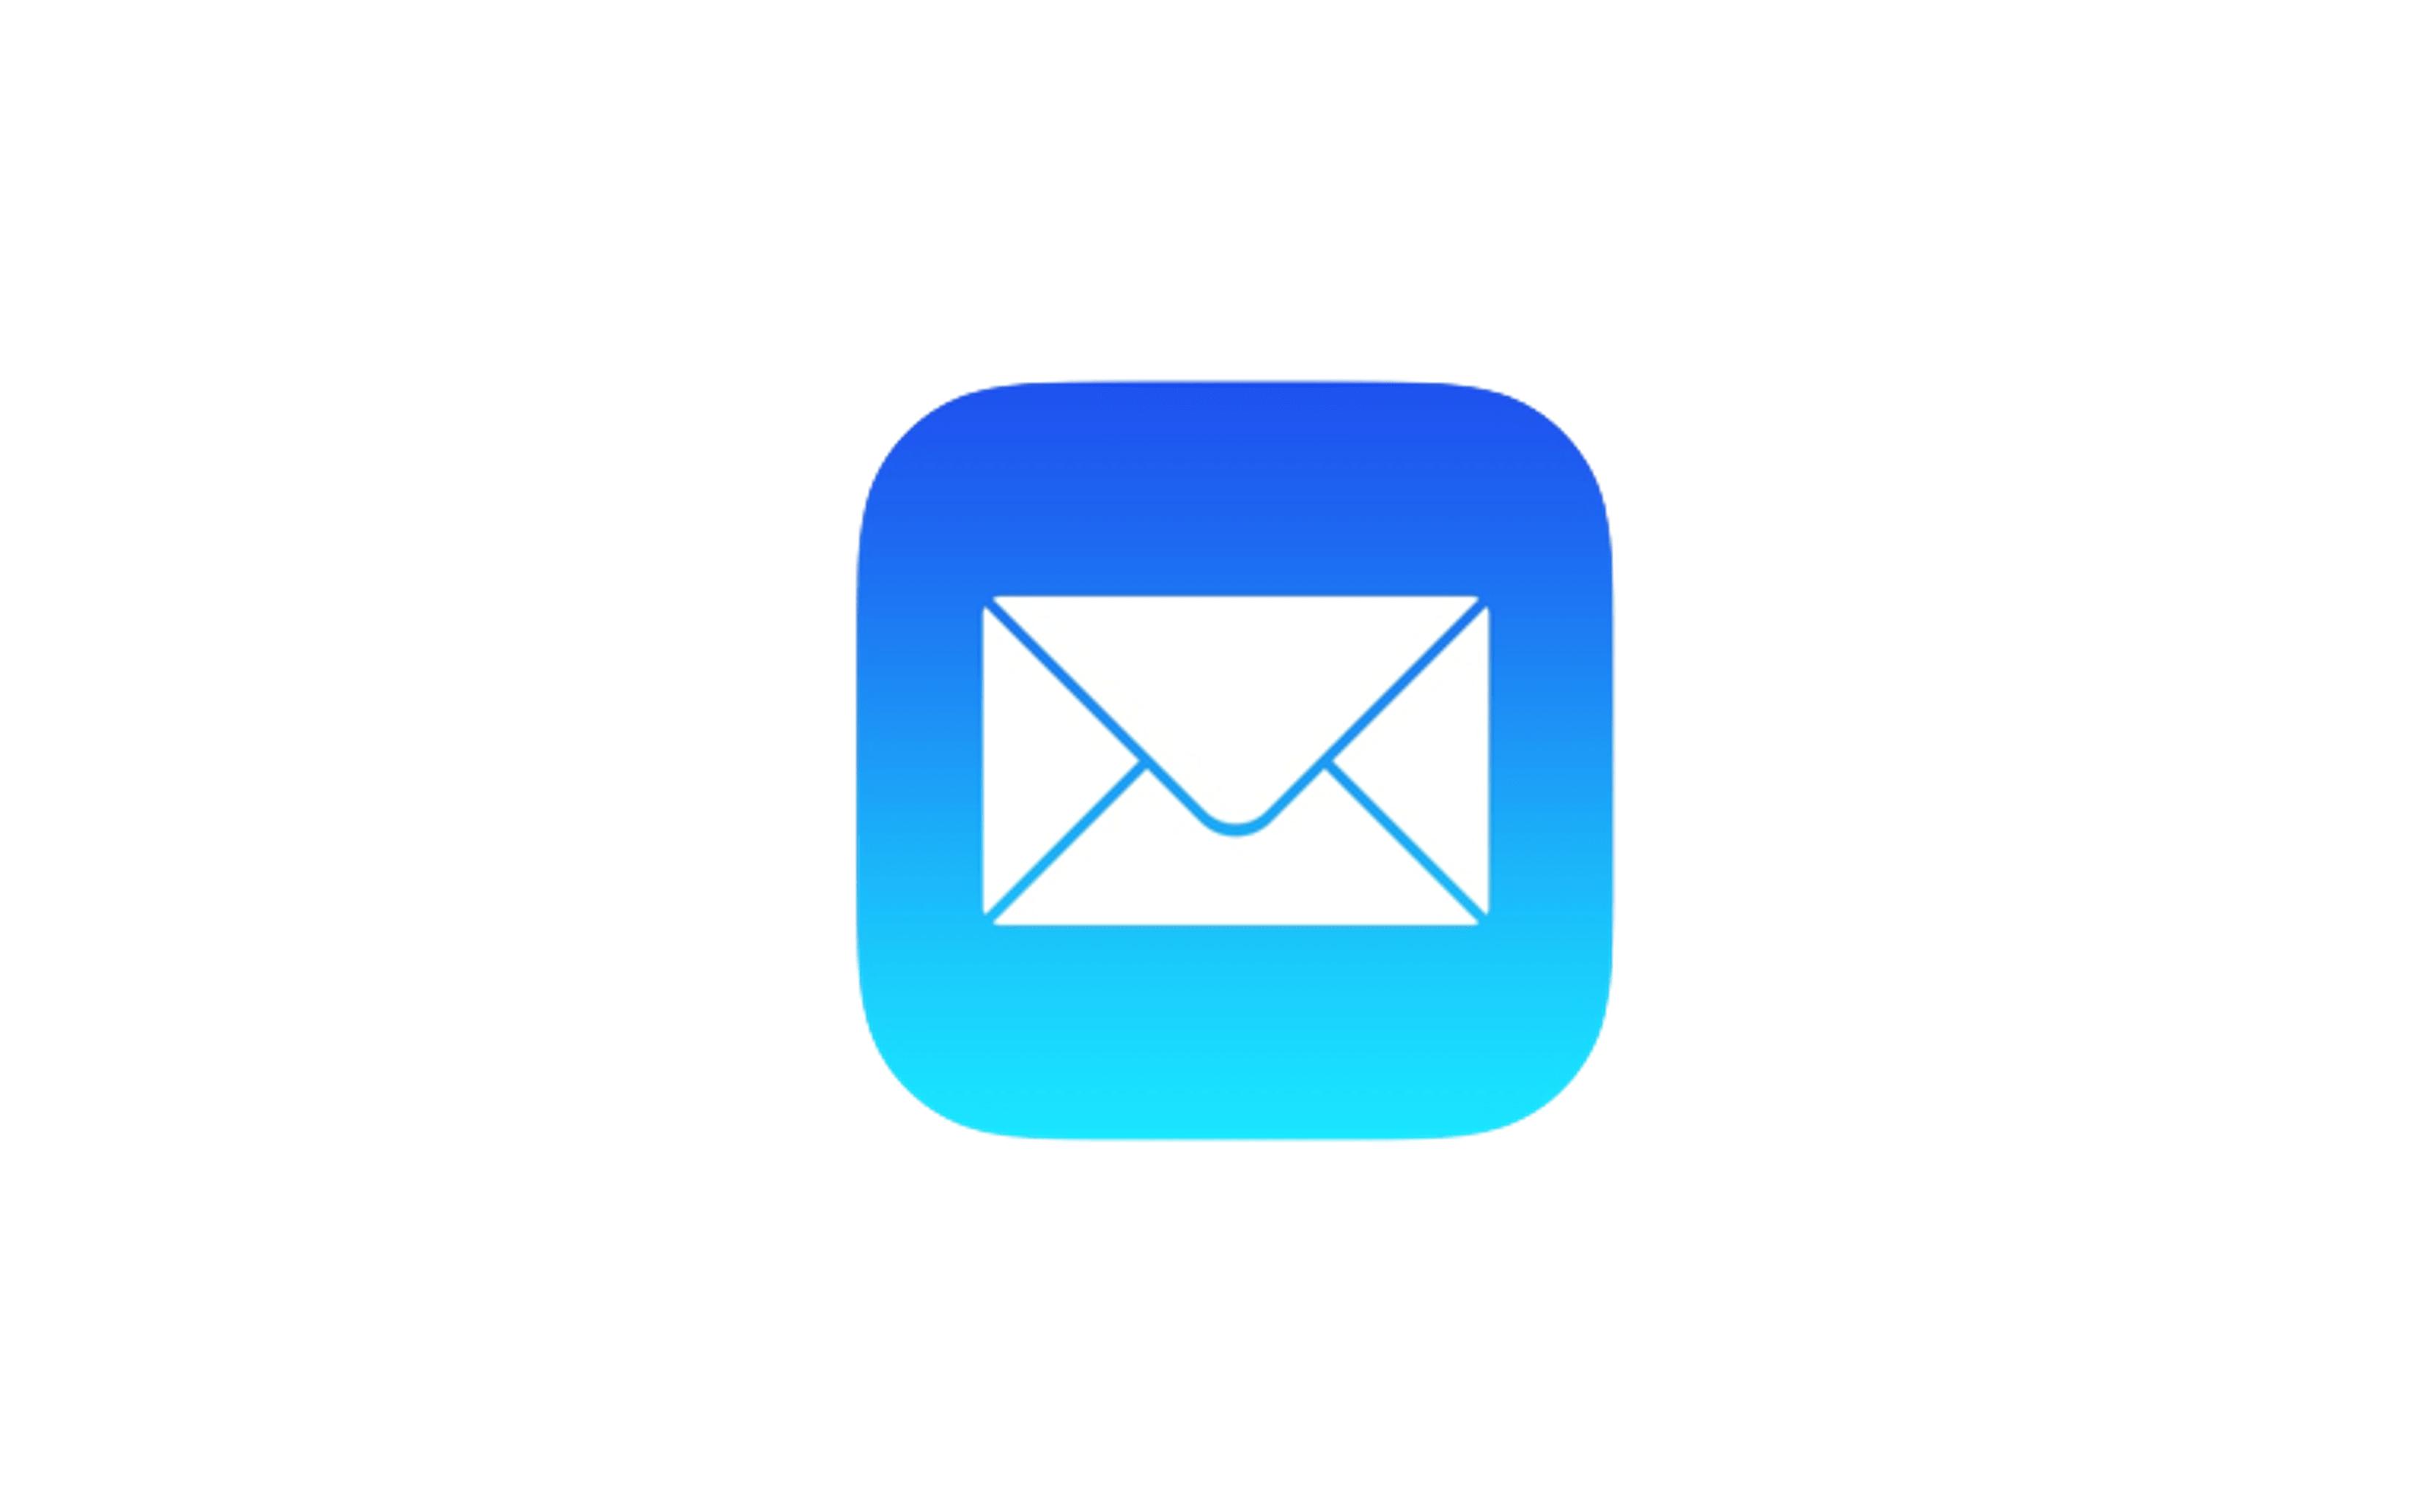 애플 메일로고